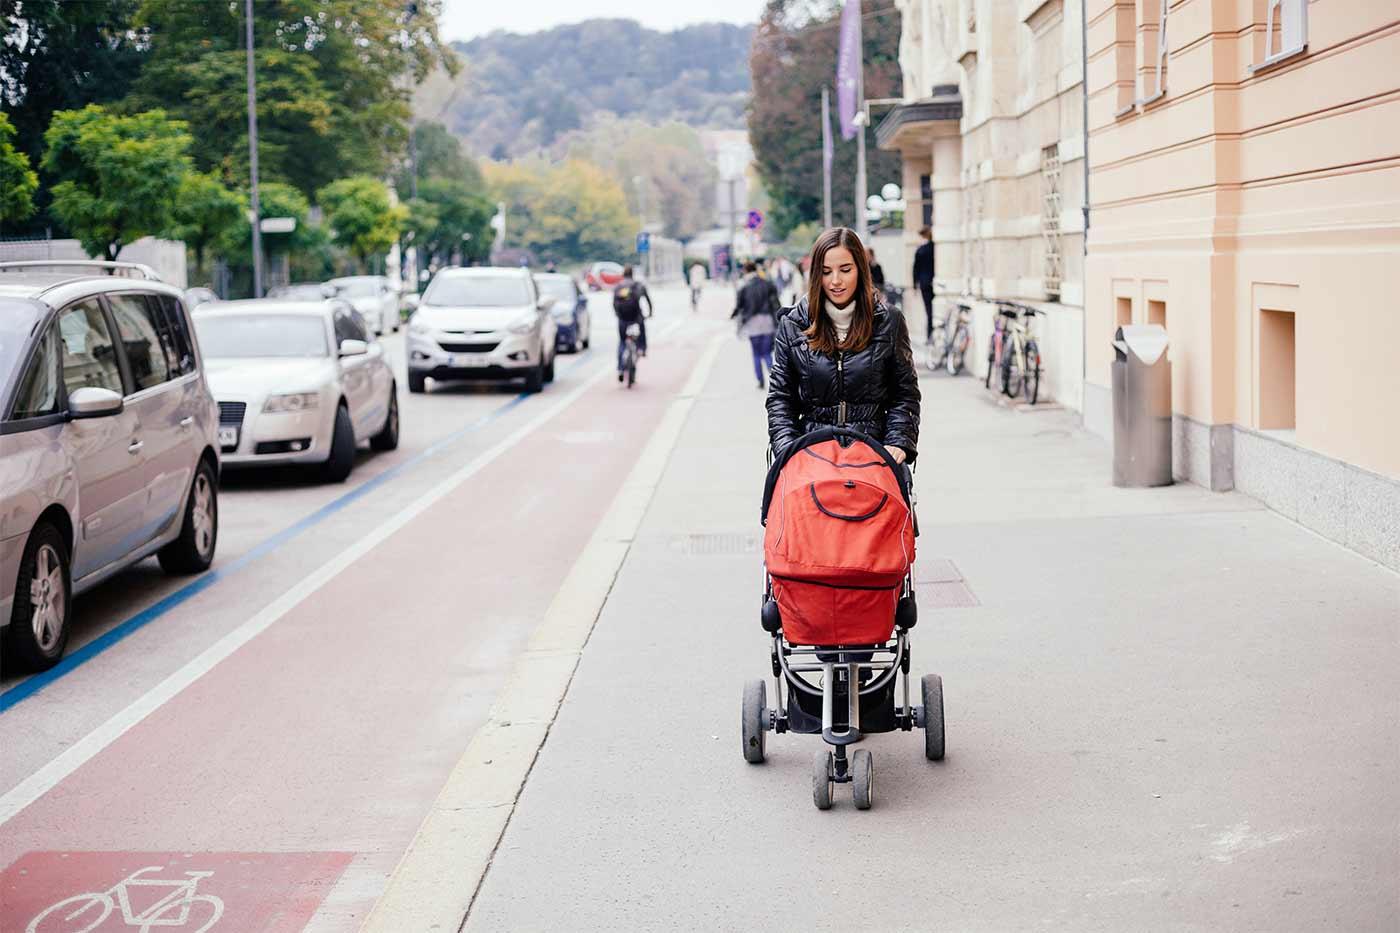 Mom pushing a stroller on a sidewalk